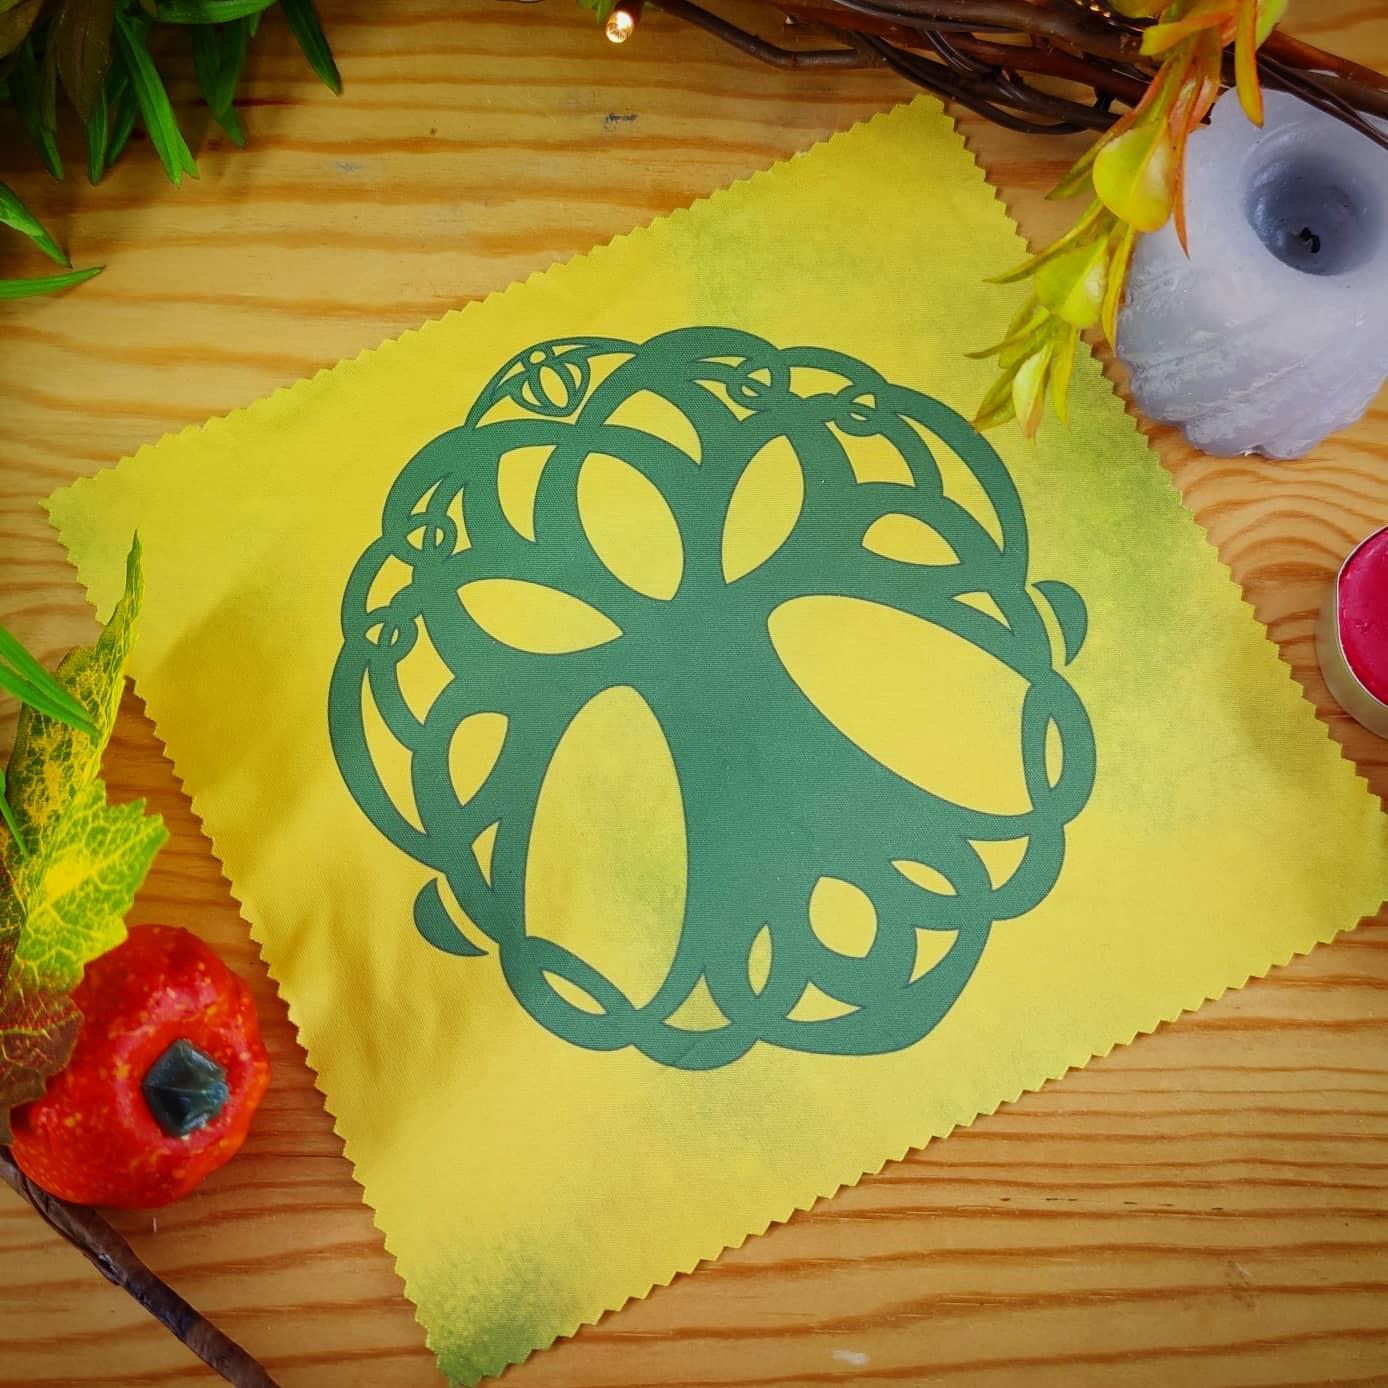 Lingette microfibre : arbre celtique